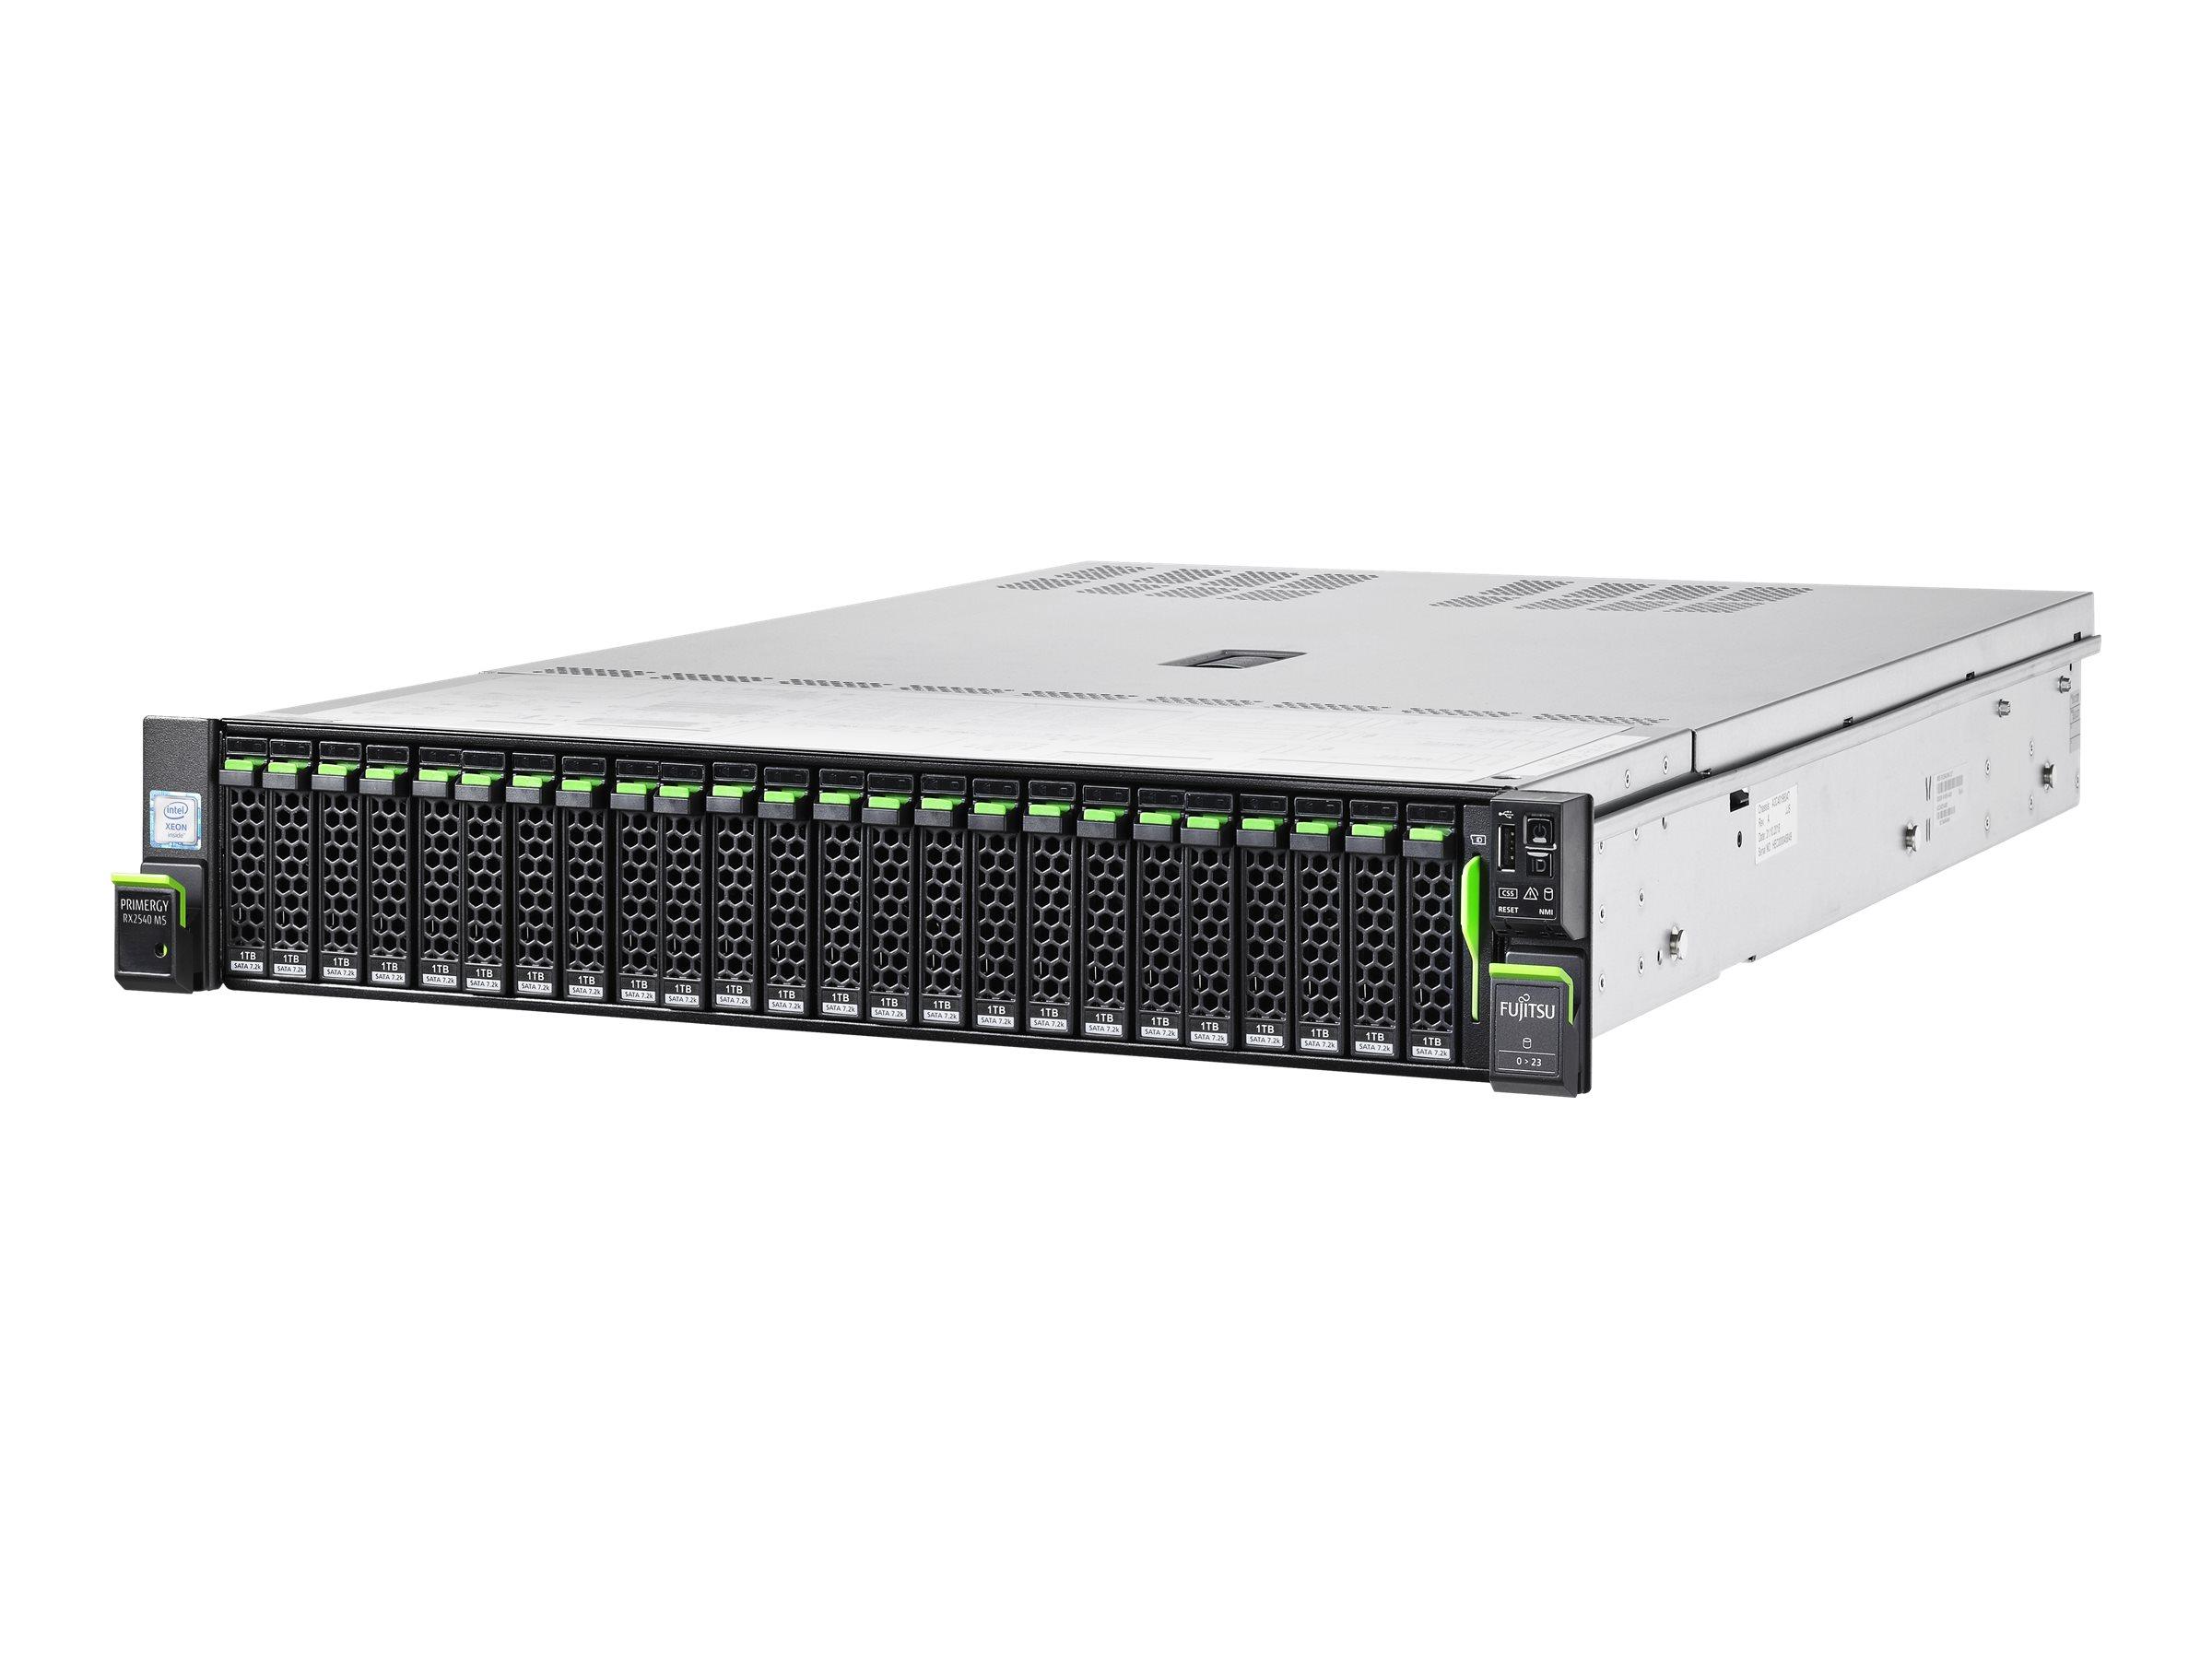 """Fujitsu PRIMERGY RX2540 M5 - Server - Rack-Montage - 2U - zweiweg - 1 x Xeon Silver 4208 / 2.1 GHz - RAM 16 GB - SAS - Hot-Swap 6.4 cm (2.5"""")"""